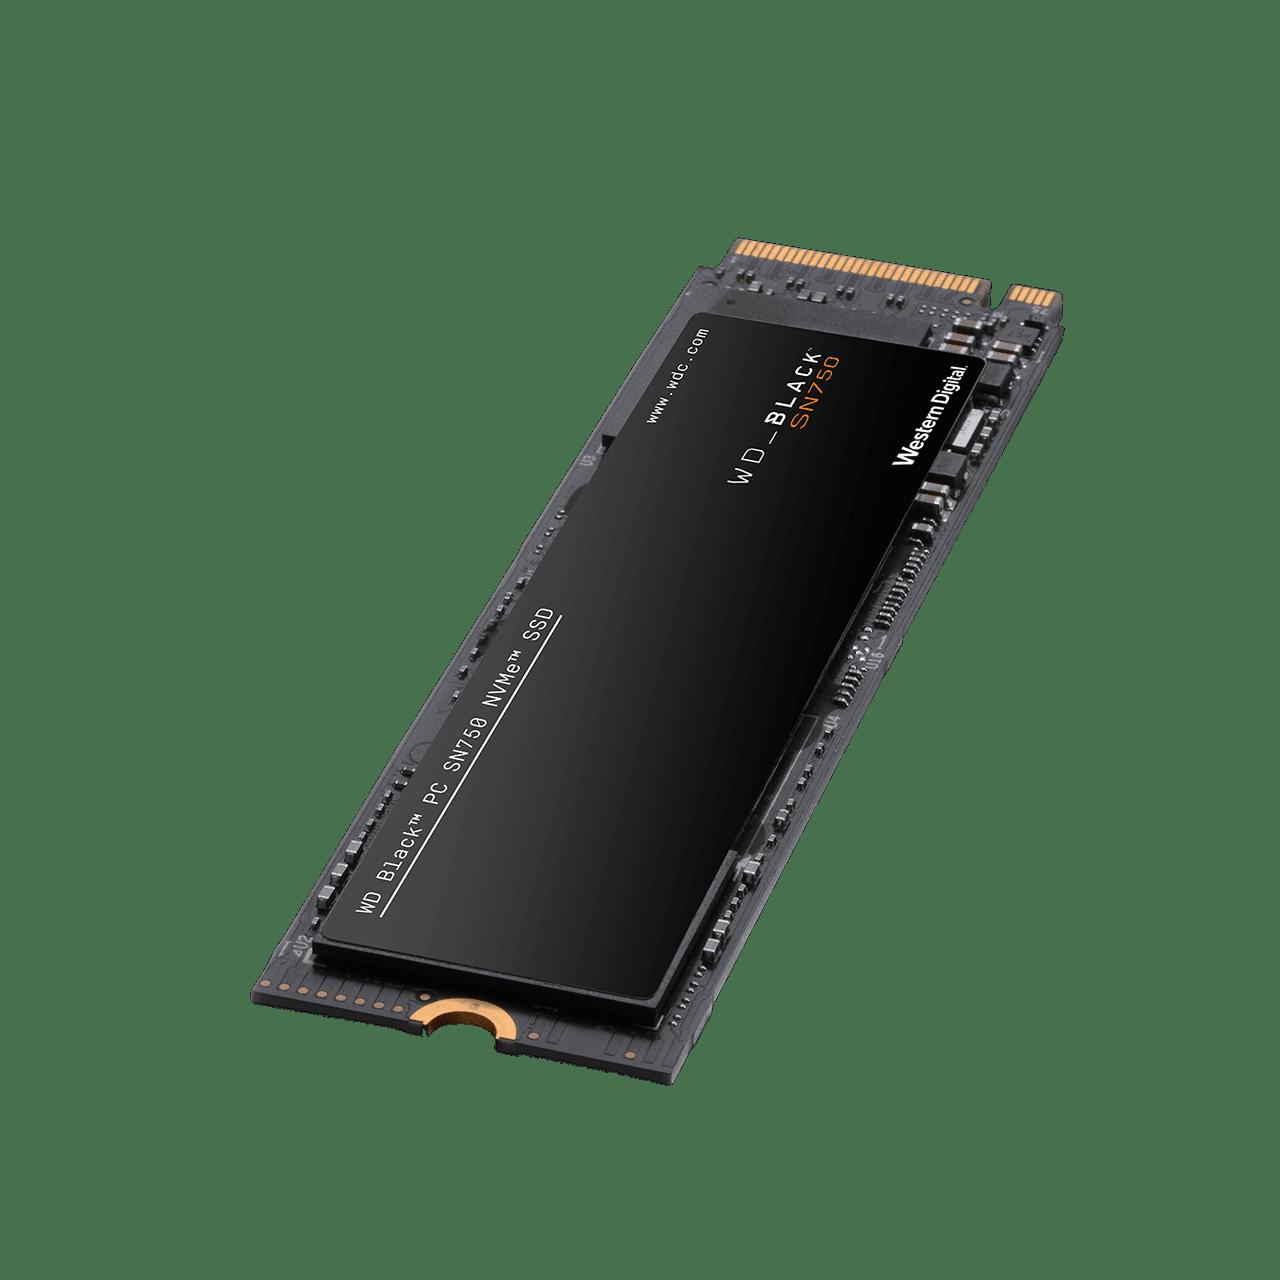 SOLIDO (M2) NVMe  500GB BLACK 750 - WESTERN DIGITAL